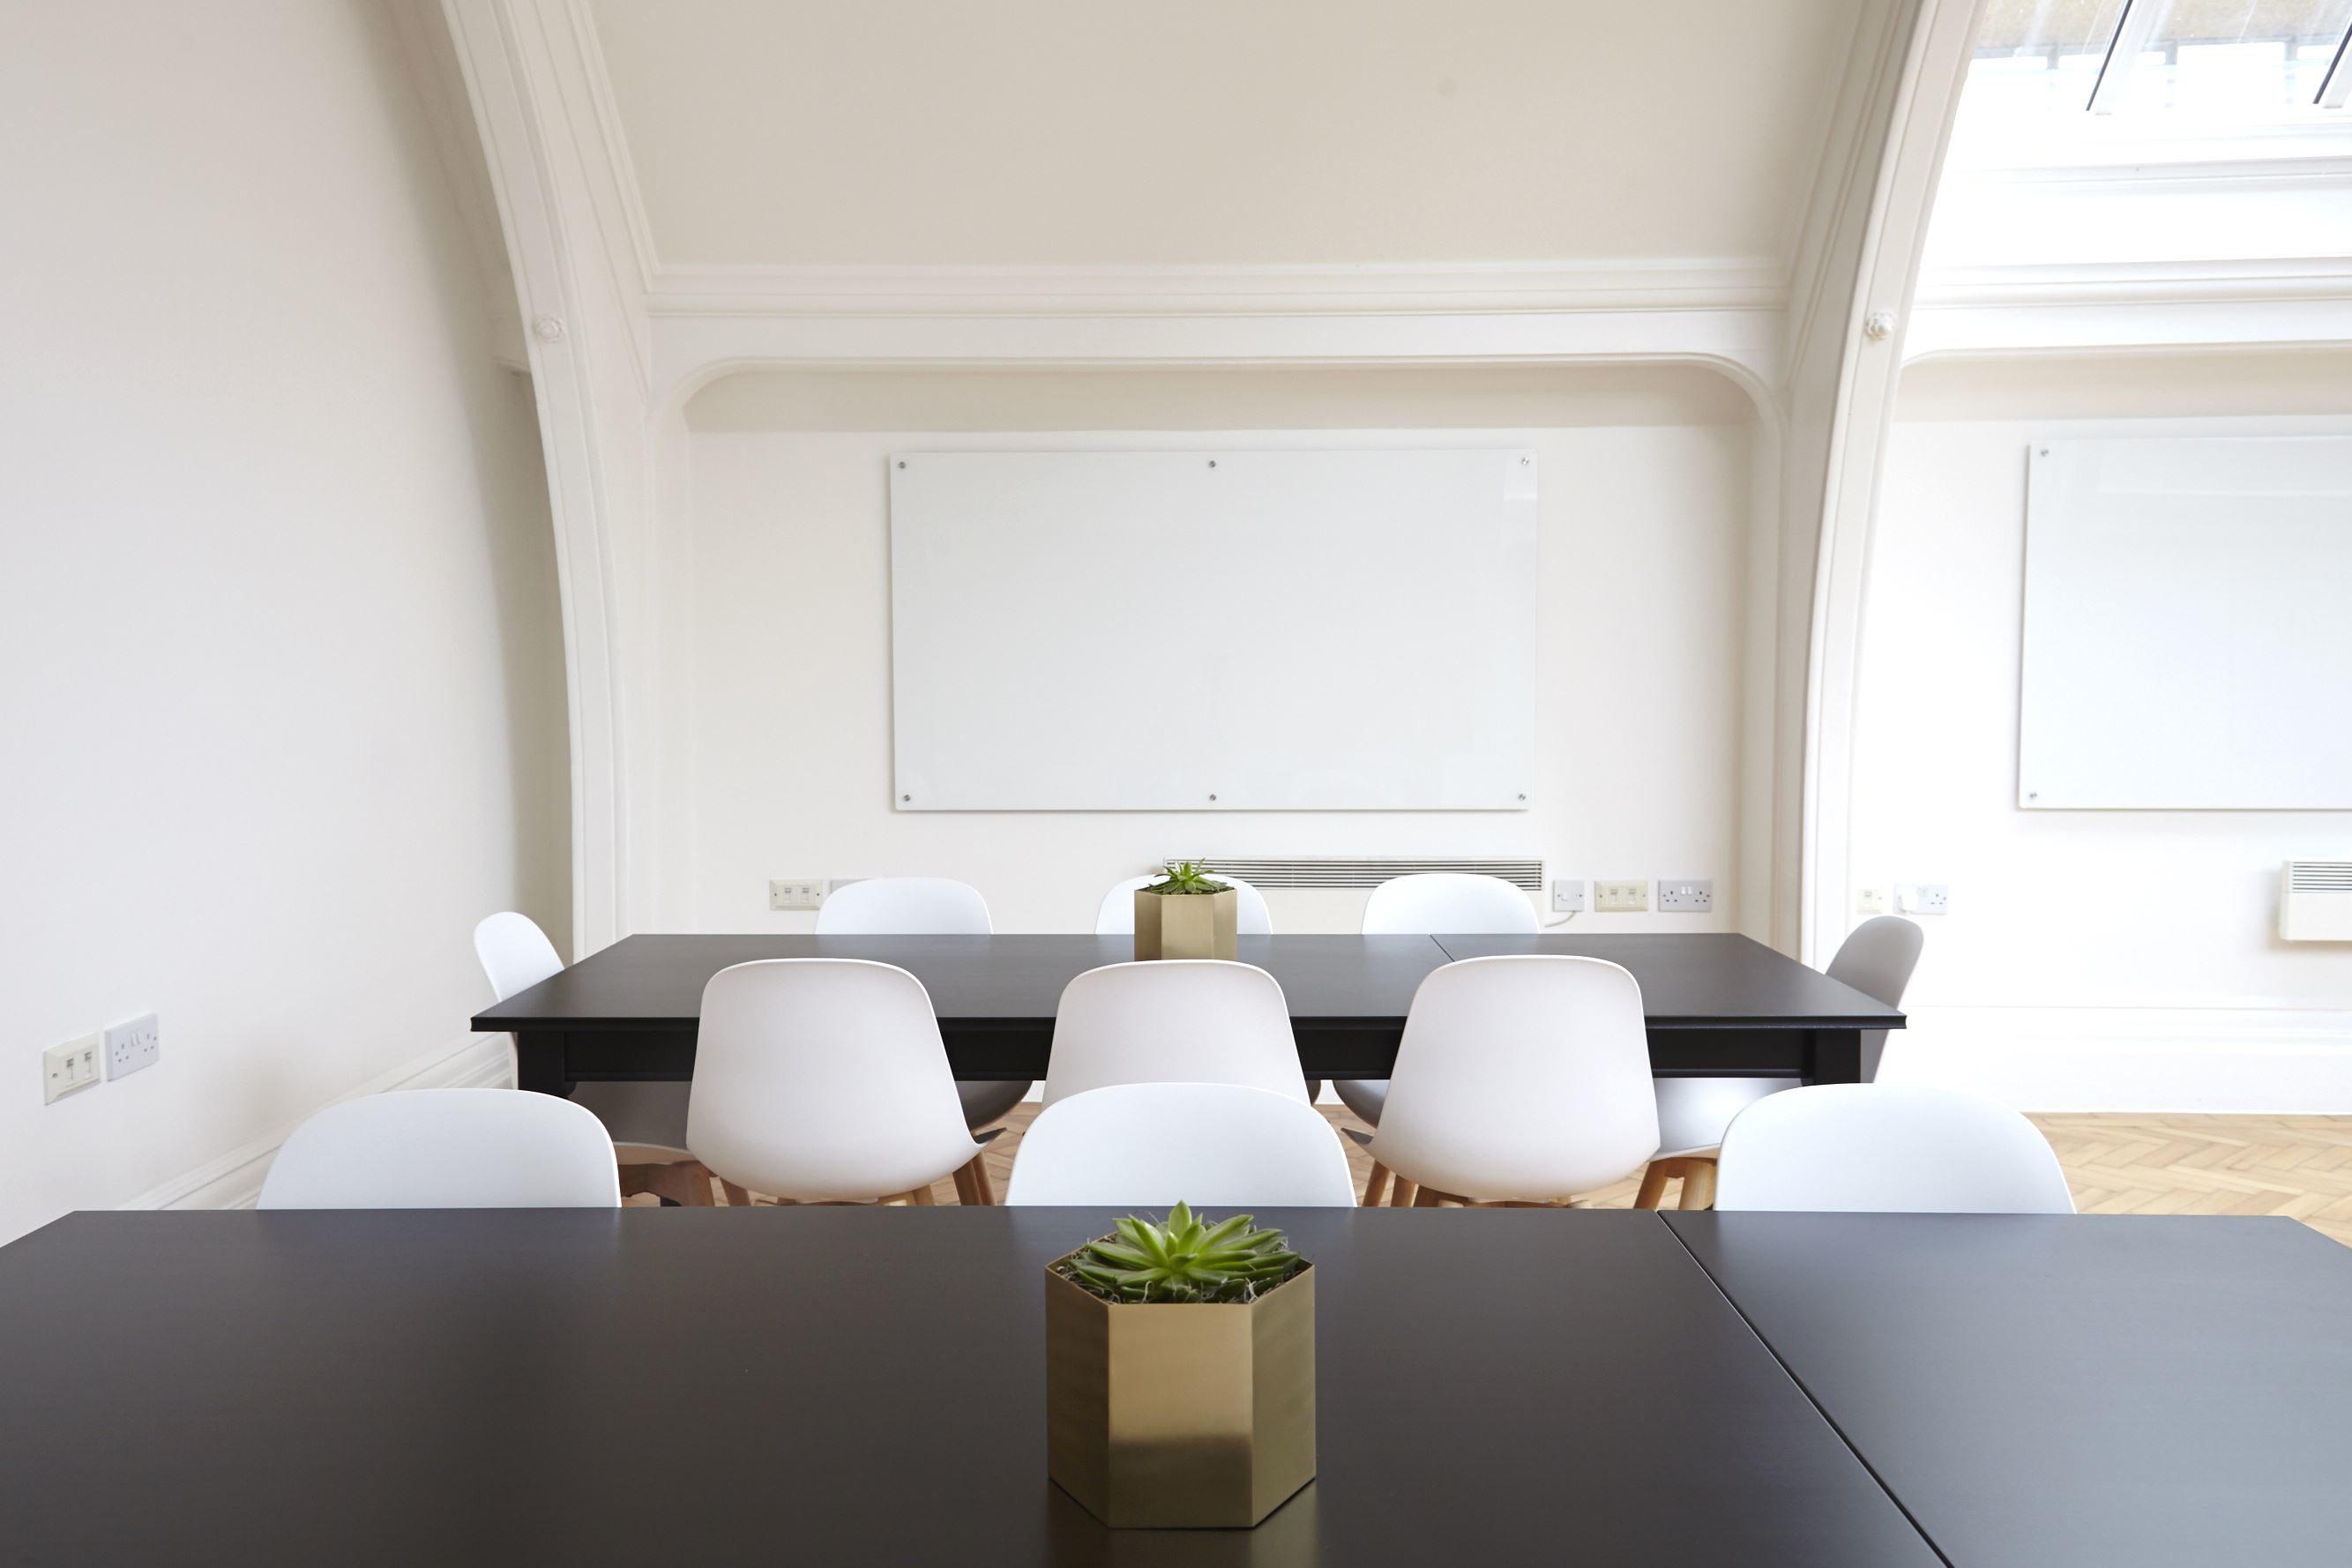 Kostenlose bild architektur st hle tisch design topf for Raum pflanzen